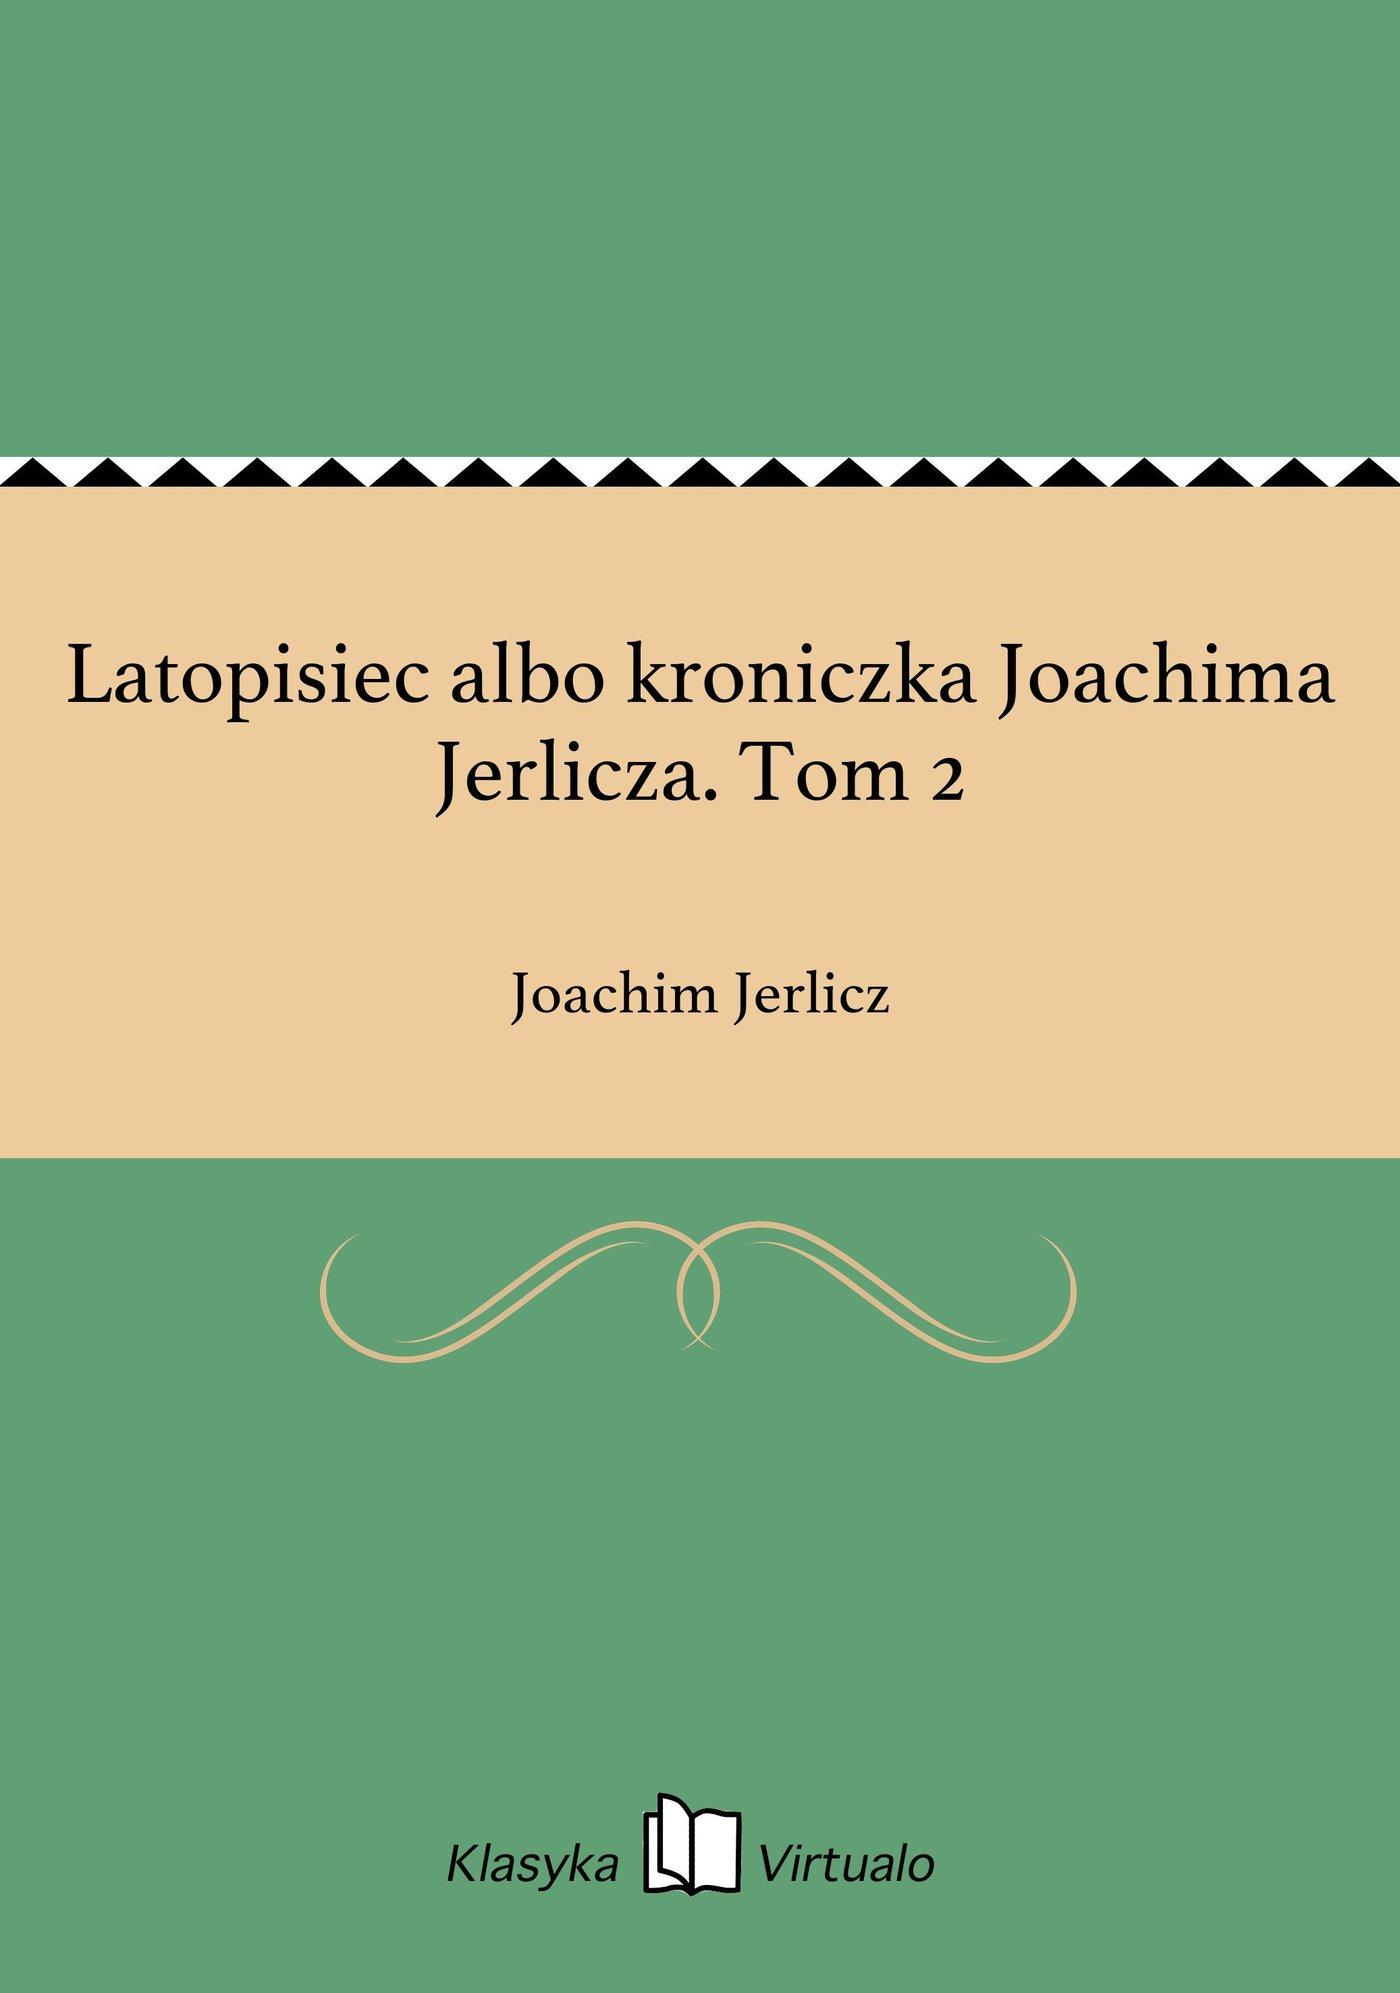 Latopisiec albo kroniczka Joachima Jerlicza. Tom 2 - Ebook (Książka EPUB) do pobrania w formacie EPUB